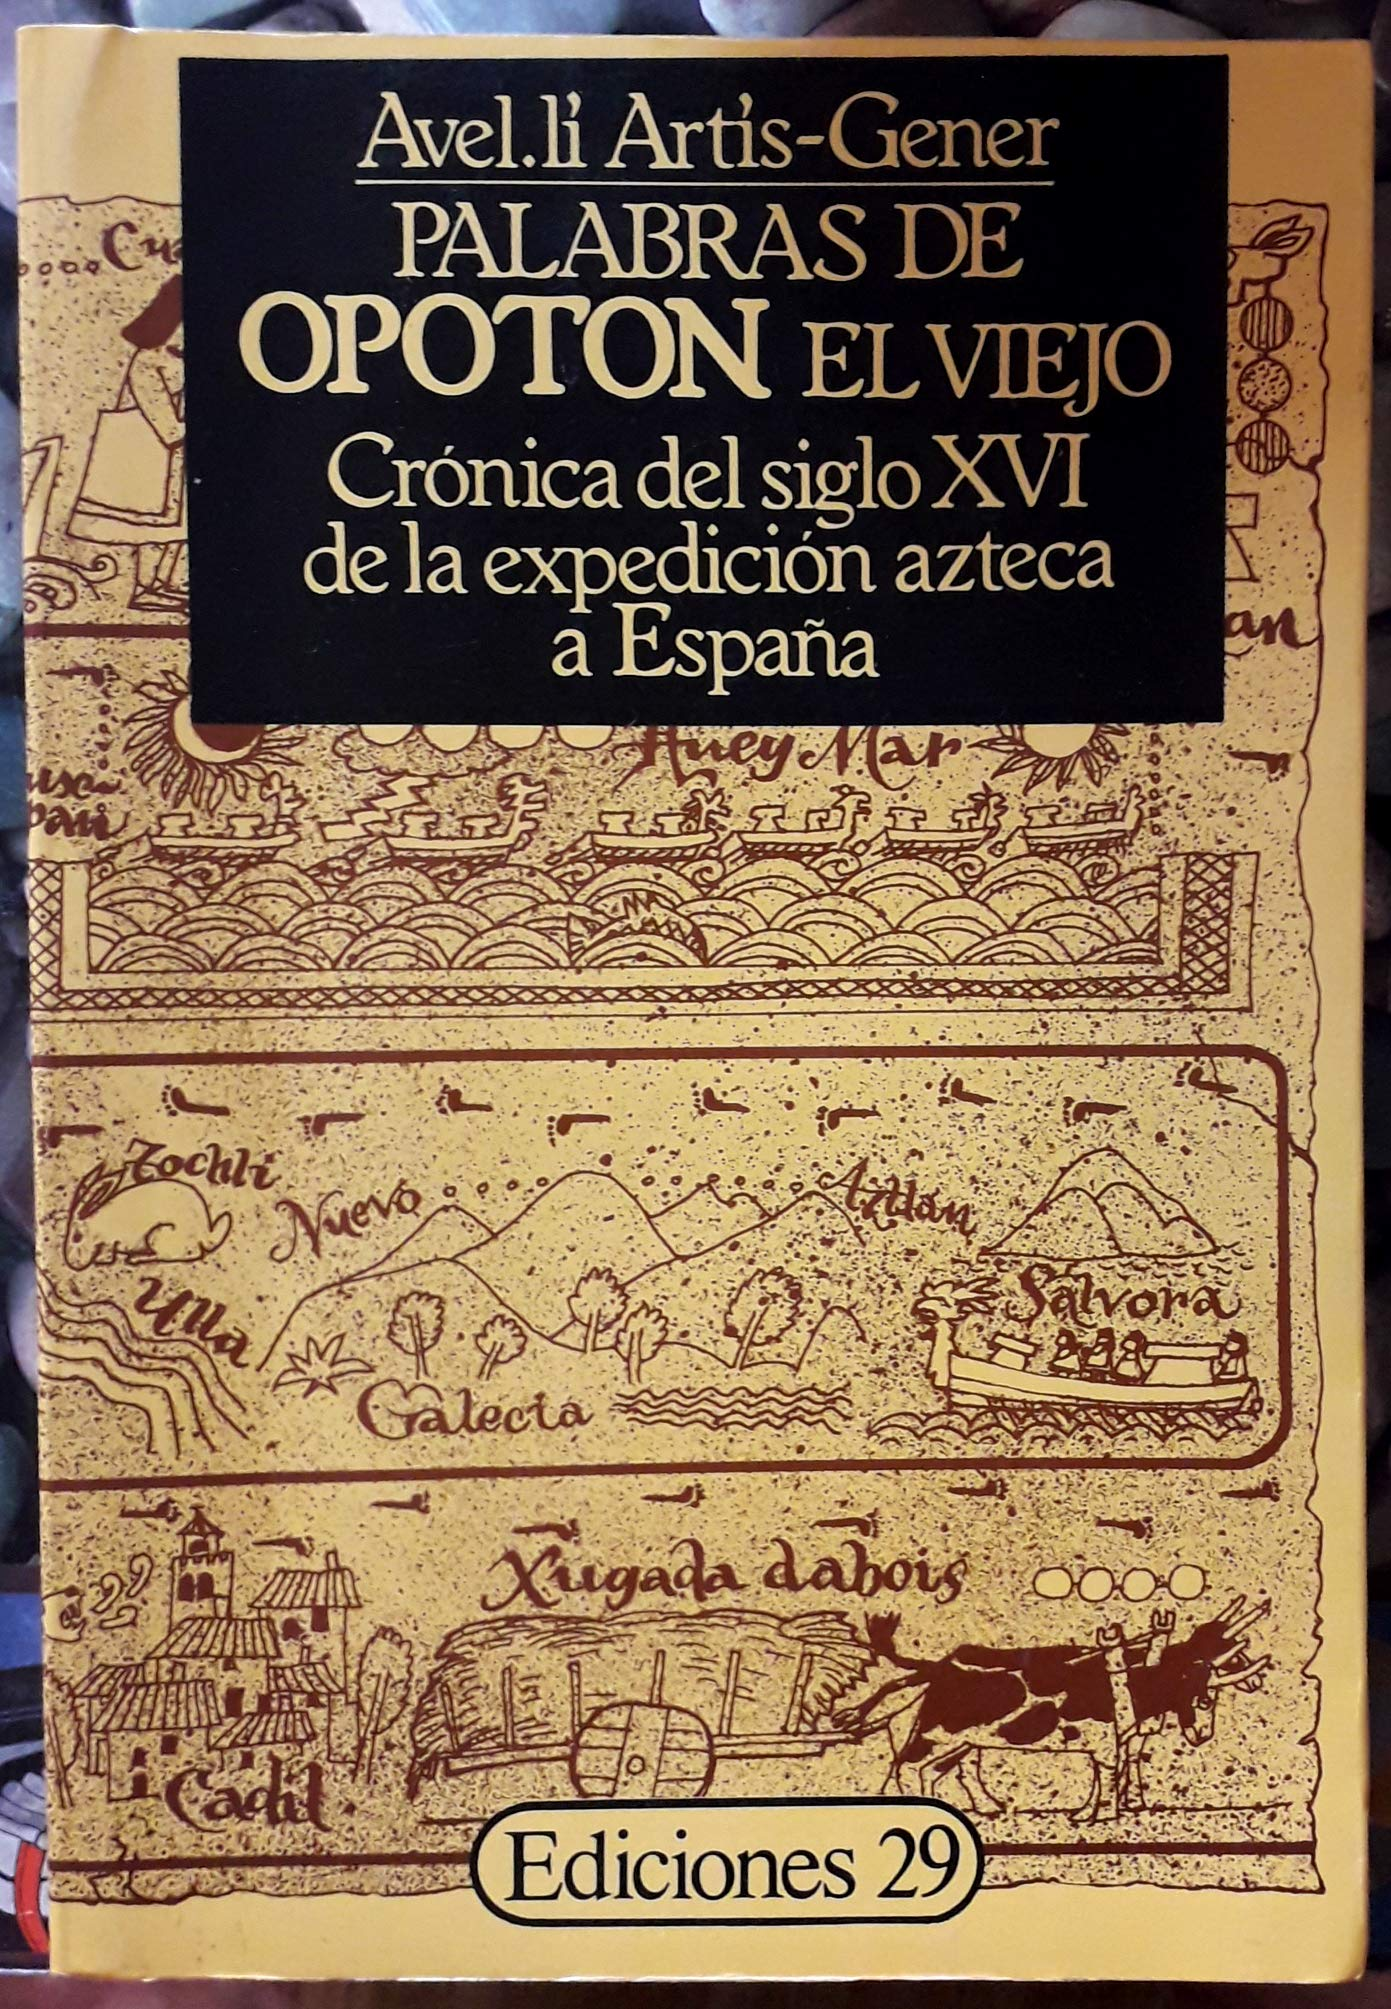 PALABRAS DE OPOTON EL VIEJO. CRONICA DEL SIGLO XVI DE LA EXPEDICION AZTECA A ESPAÑA.: Amazon.es: Avel.li Artis-Gener.: Libros